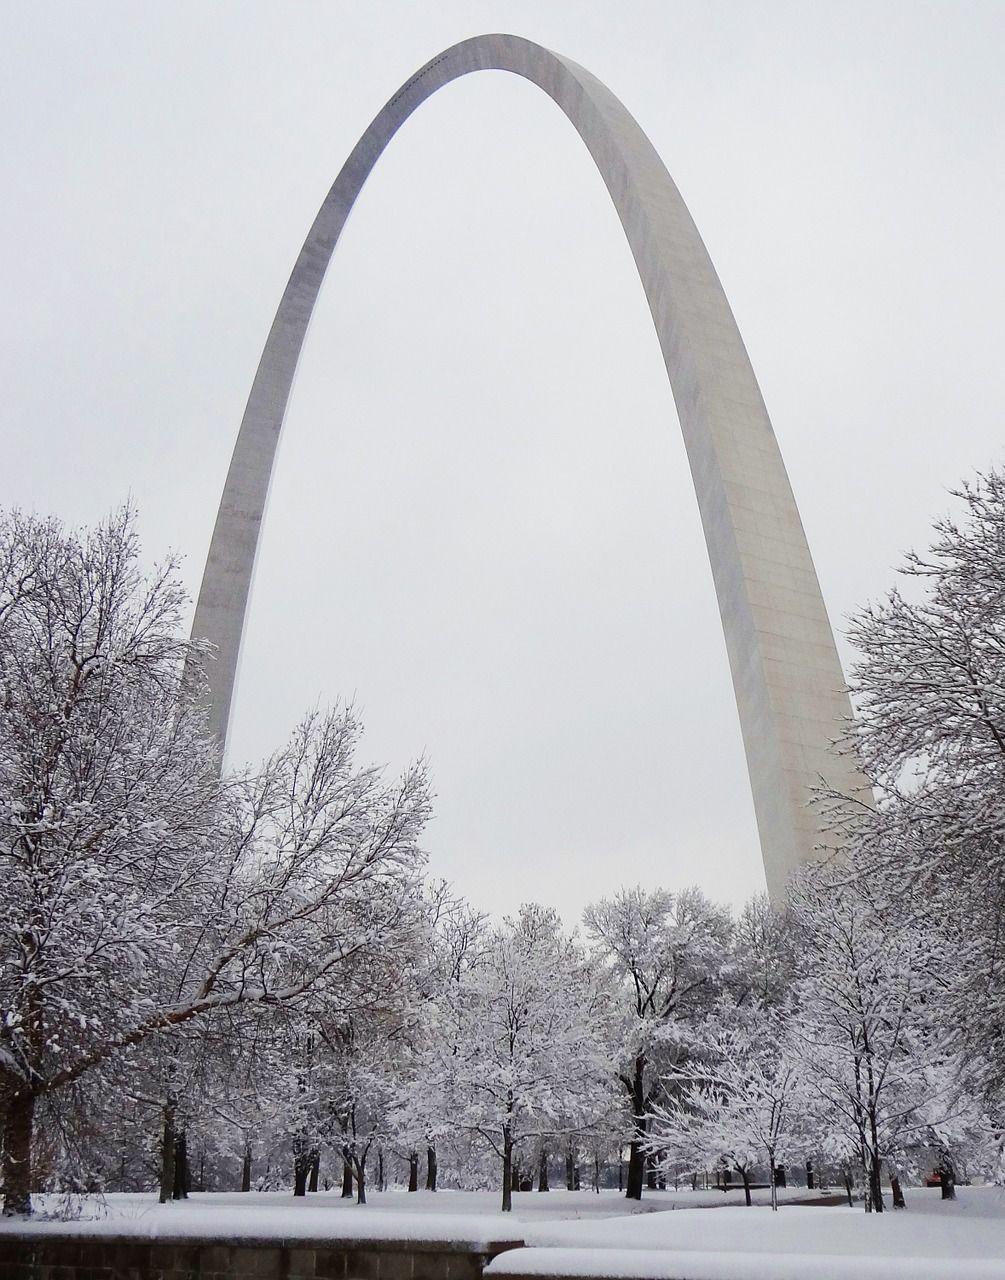 Park Gateway Arch Saint Louis Snow Winter park gatewayarch